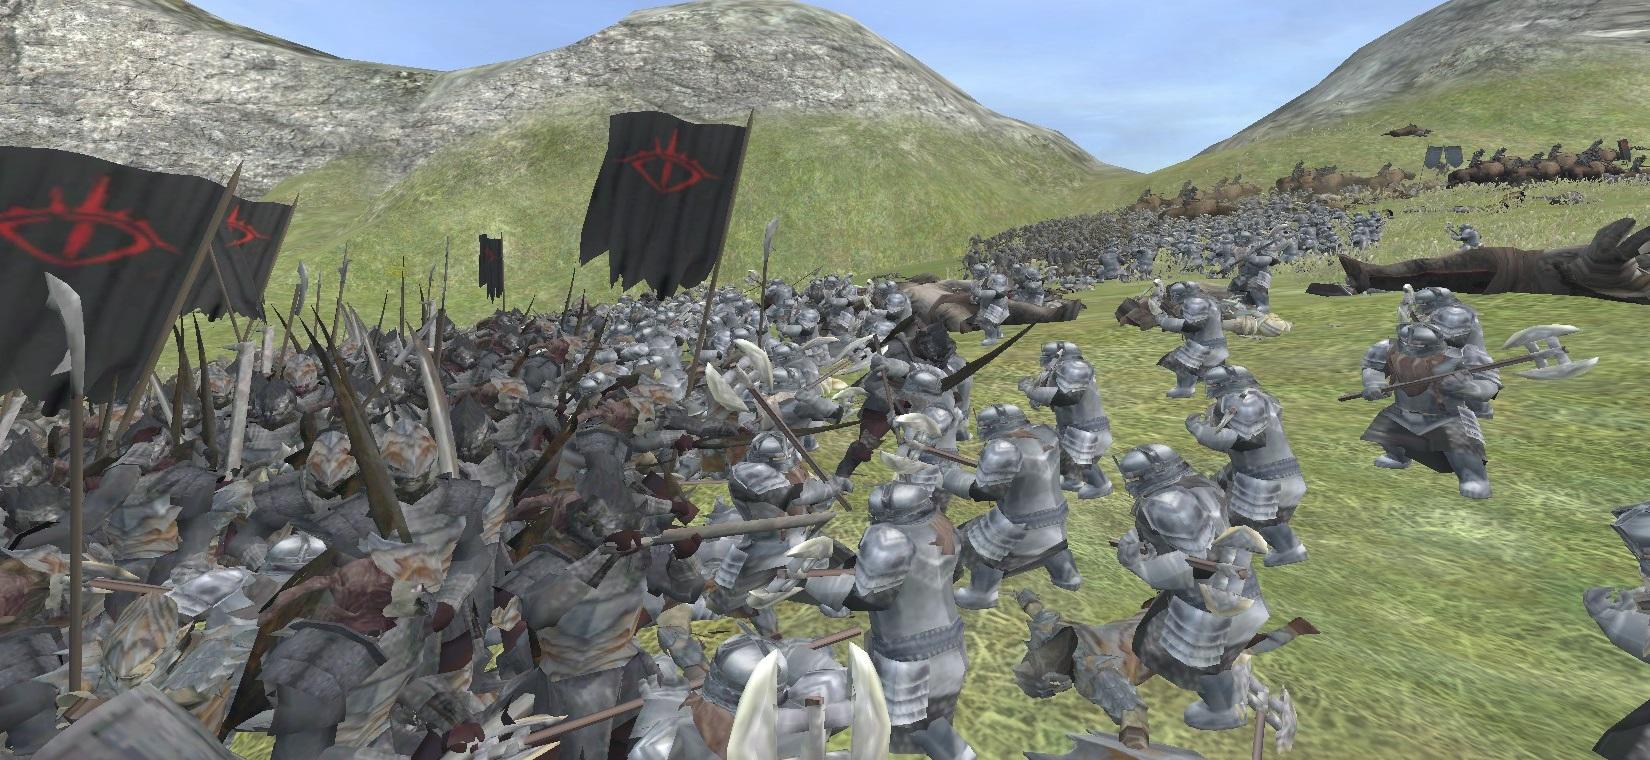 http://media.moddb.com/images/mods/1/32/31559/black_uruks_vs_axemen_of_erebor.jpg